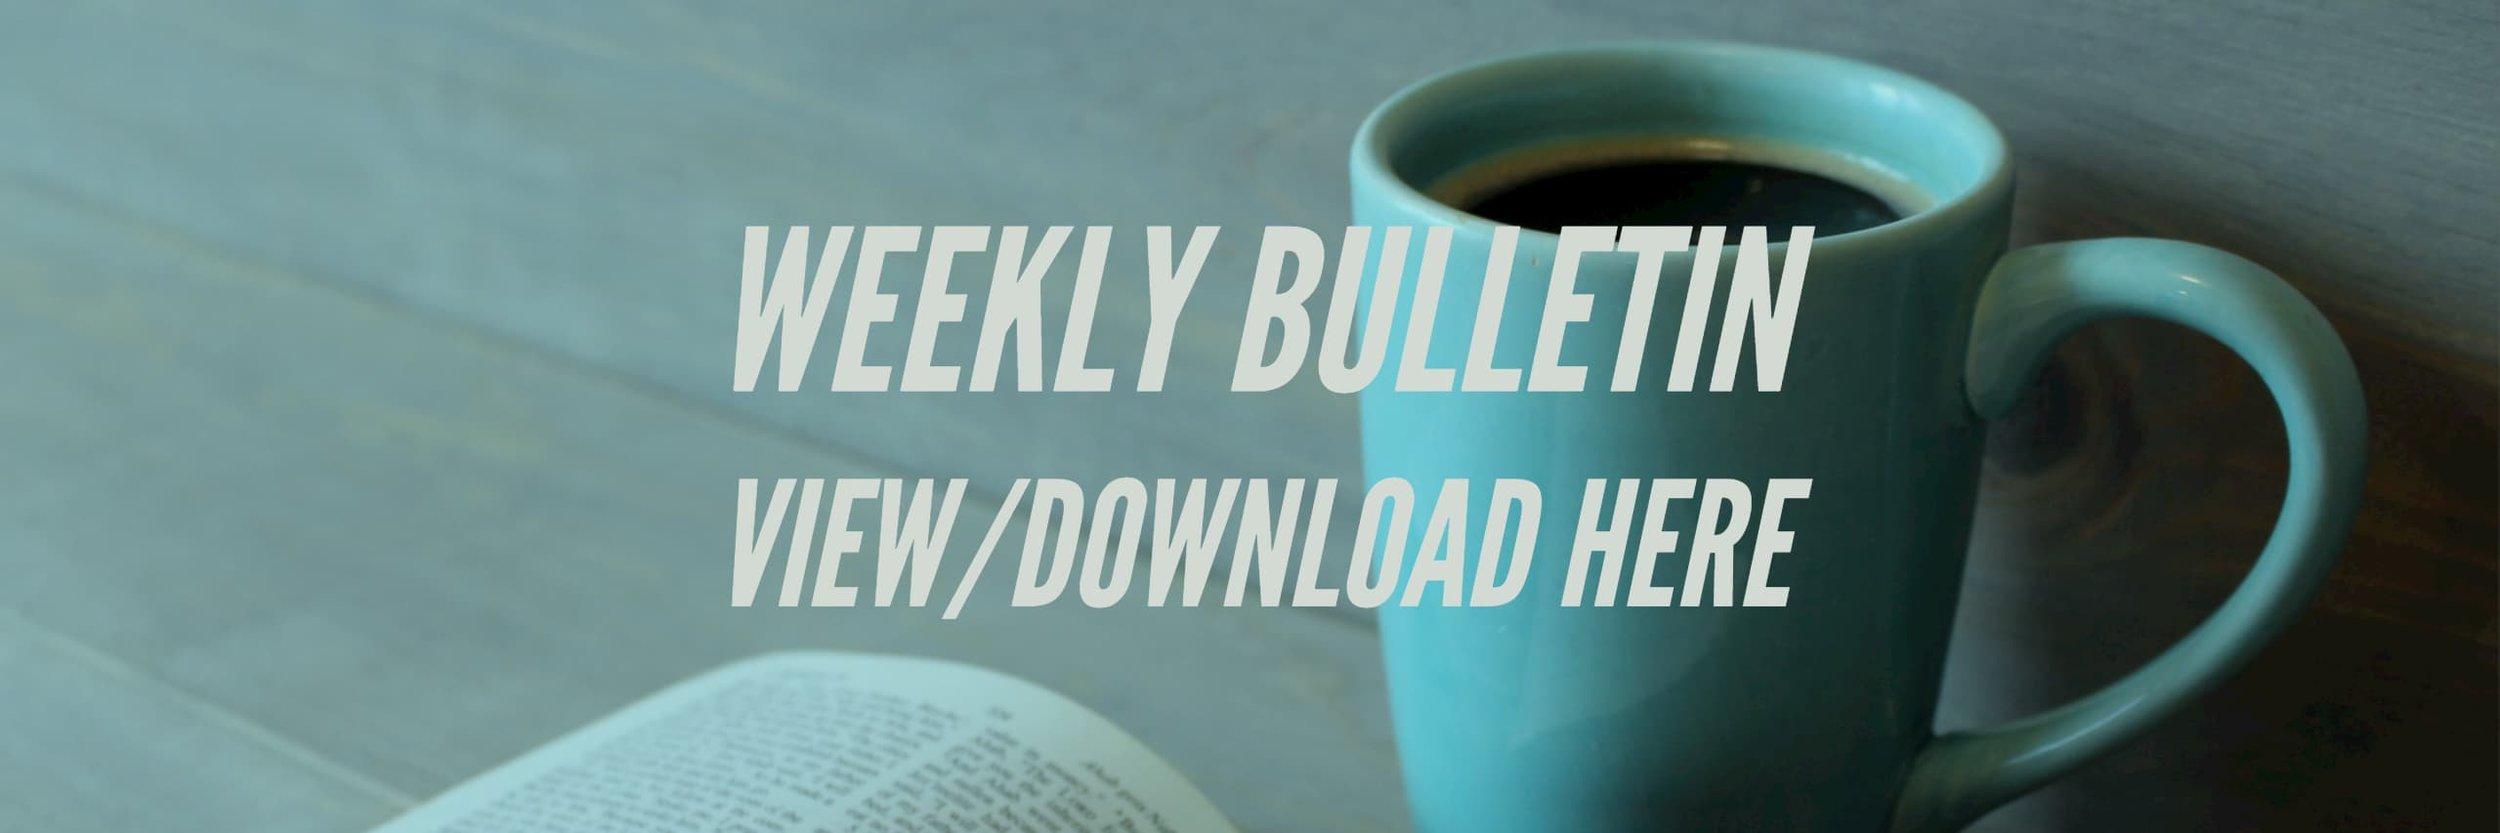 Weekly Bulletin (1).jpg